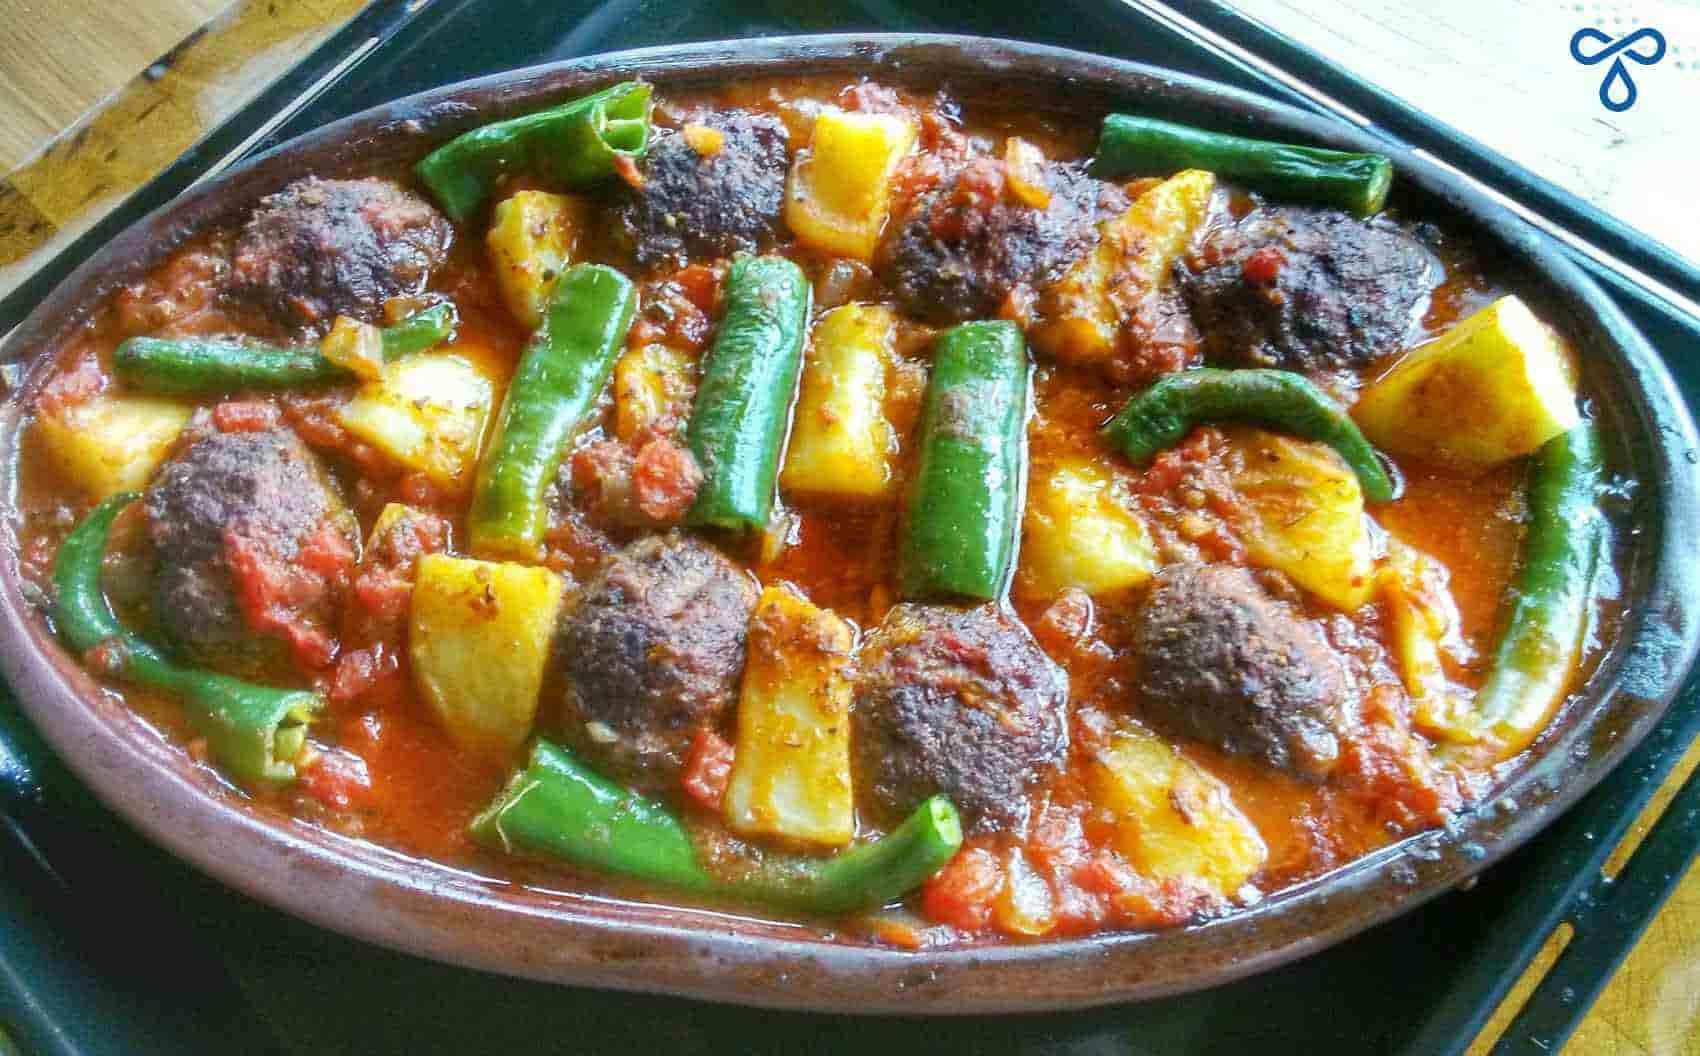 Izmir Köfte Recipe - Turkish Meatballs In Tomato Sauce